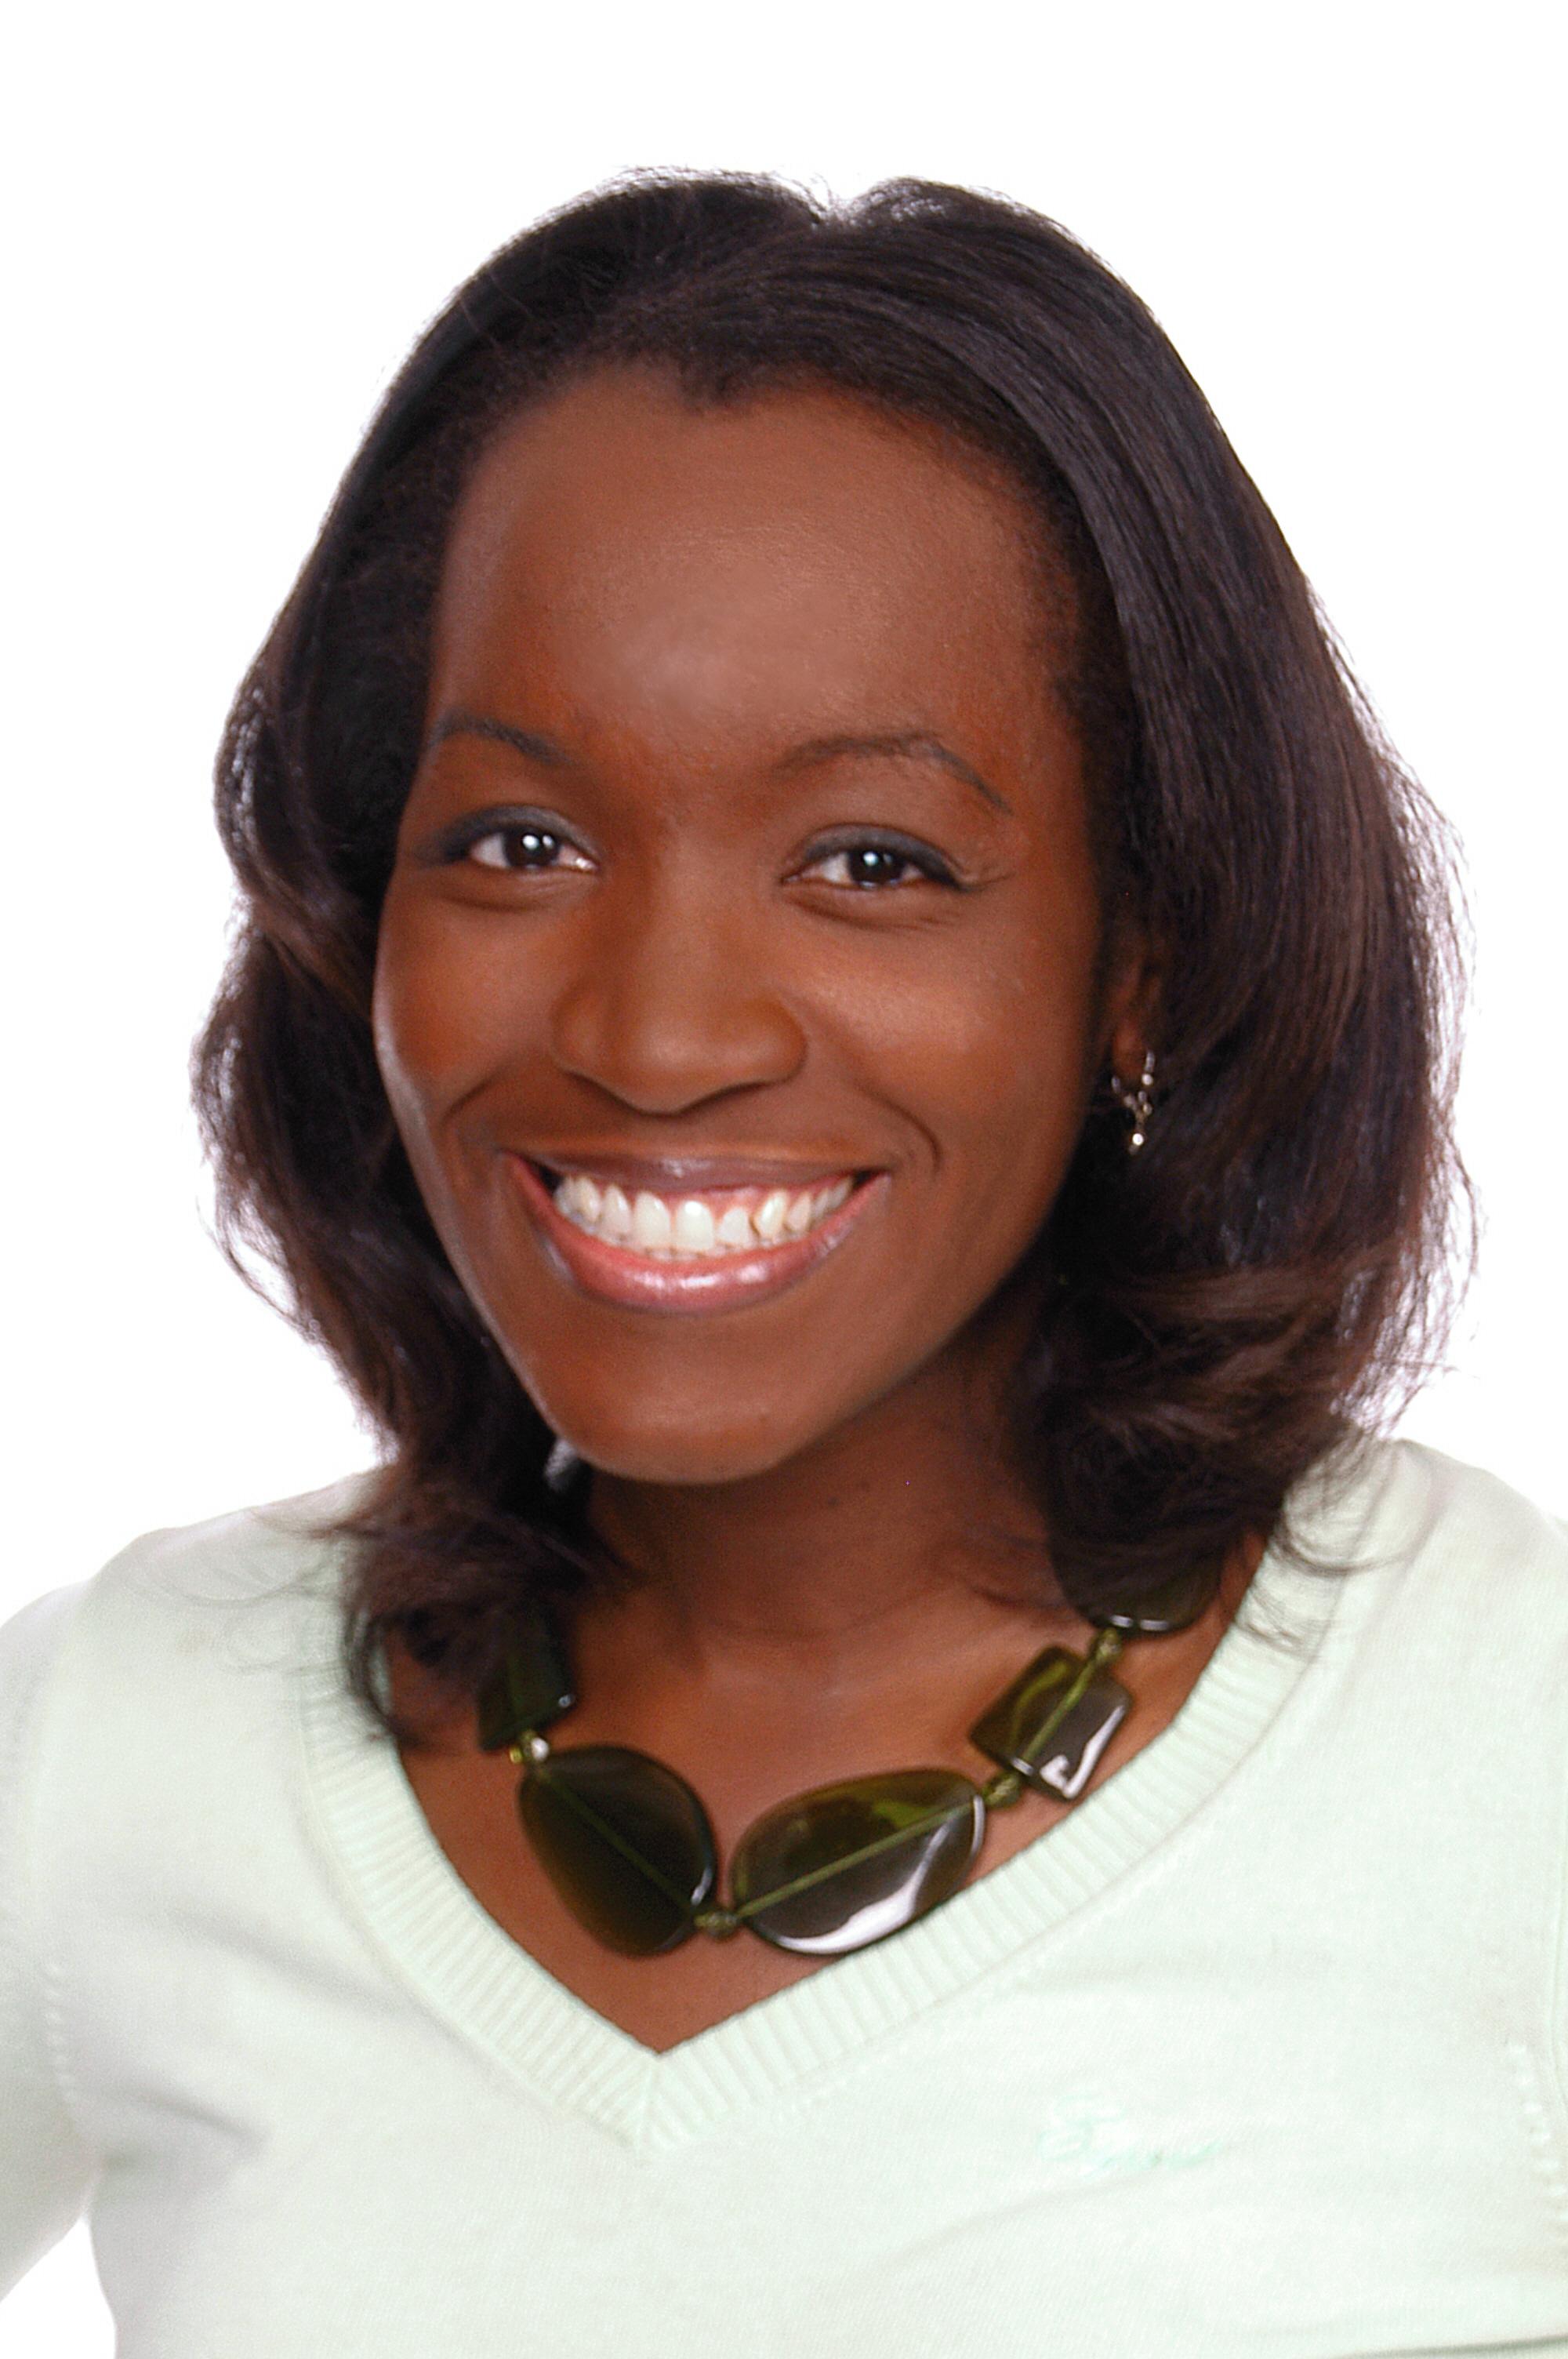 Author Angela Meju